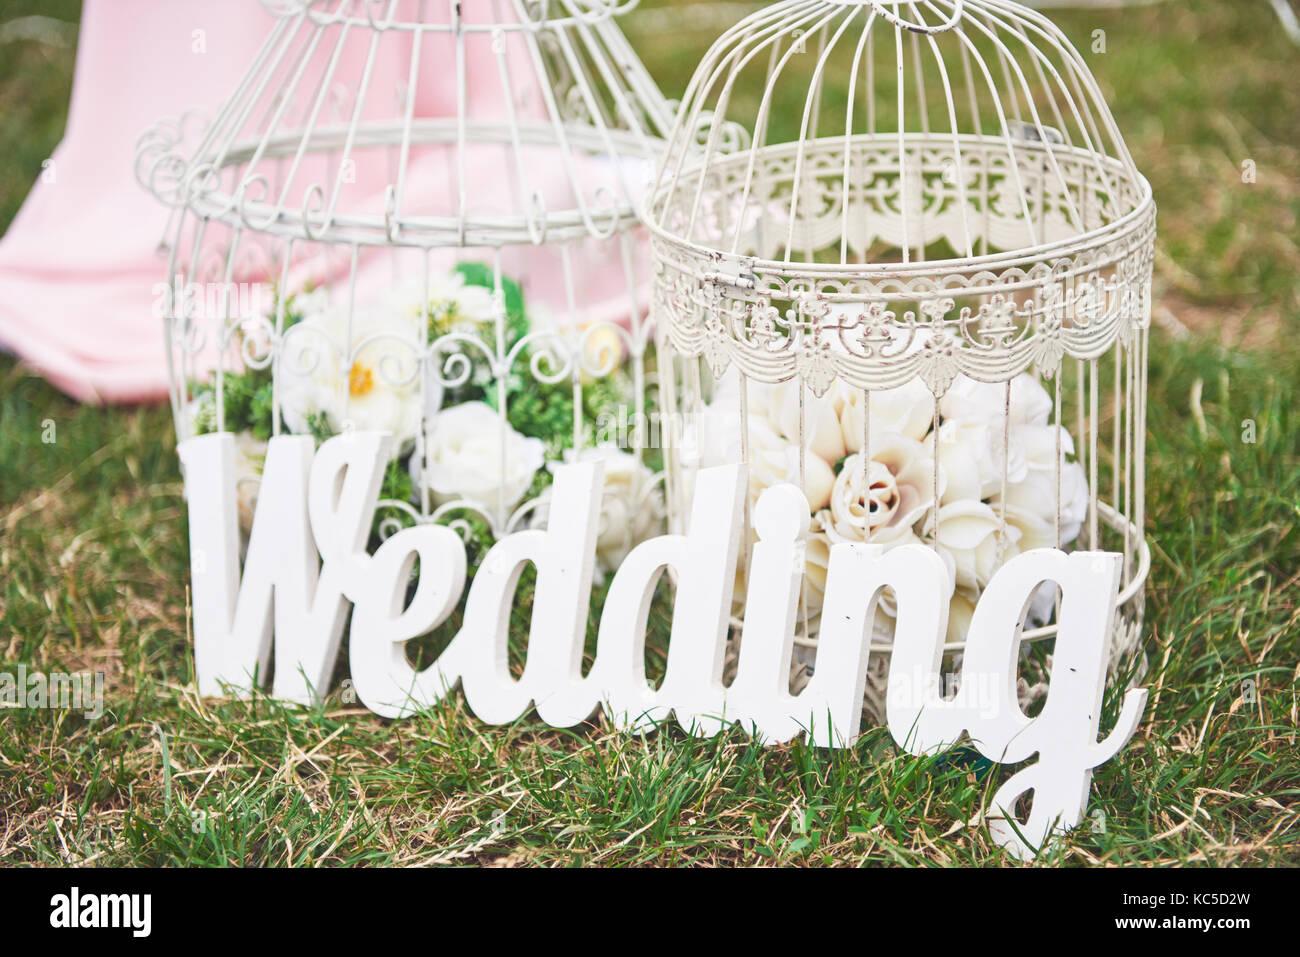 Holz weiße Hand Willkommen Hochzeit Dekoration. Stockbild